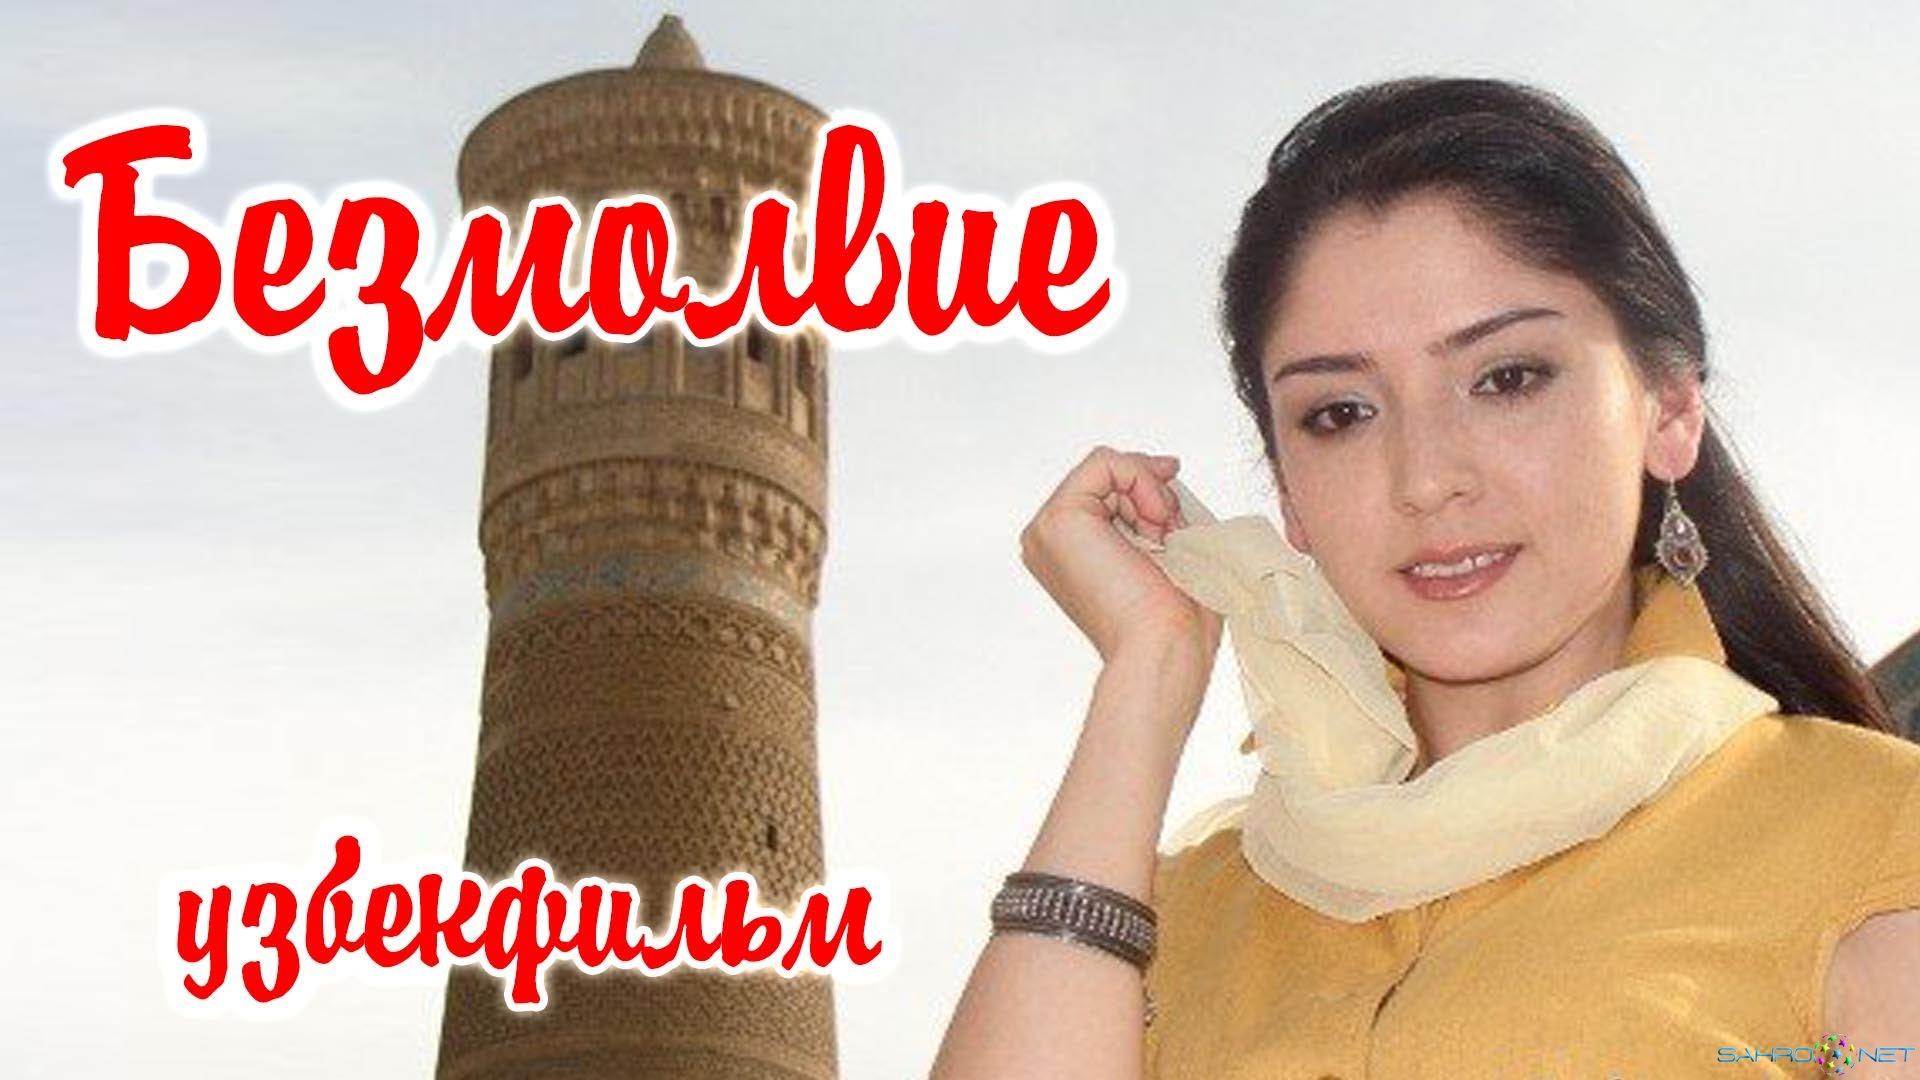 Sukunat / Безмолвие 2008 смотреть Узбекский фильм на узбекским и русском языках